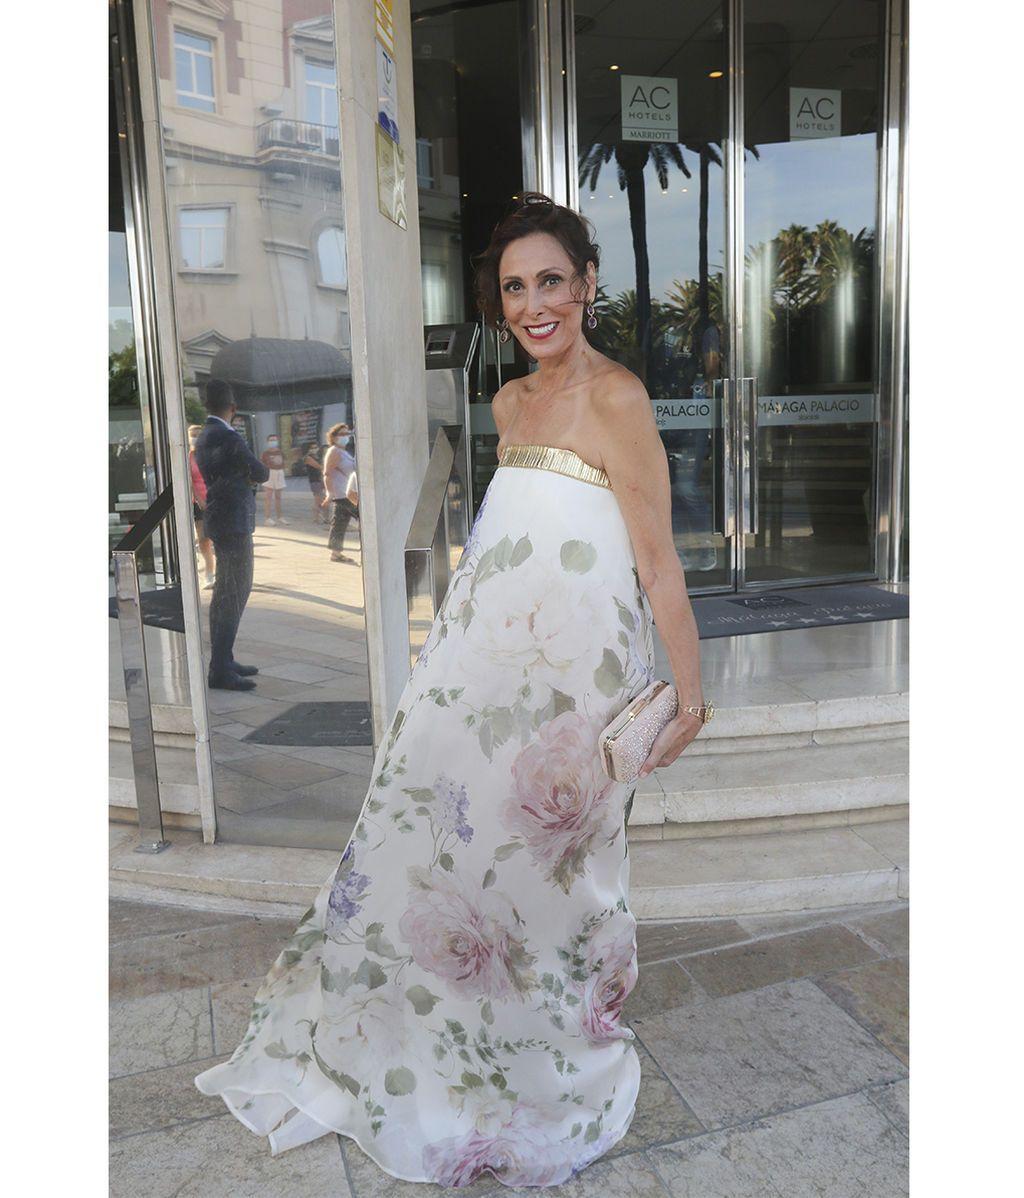 María Barranco, se muestra sonriente a su llegada al hotel